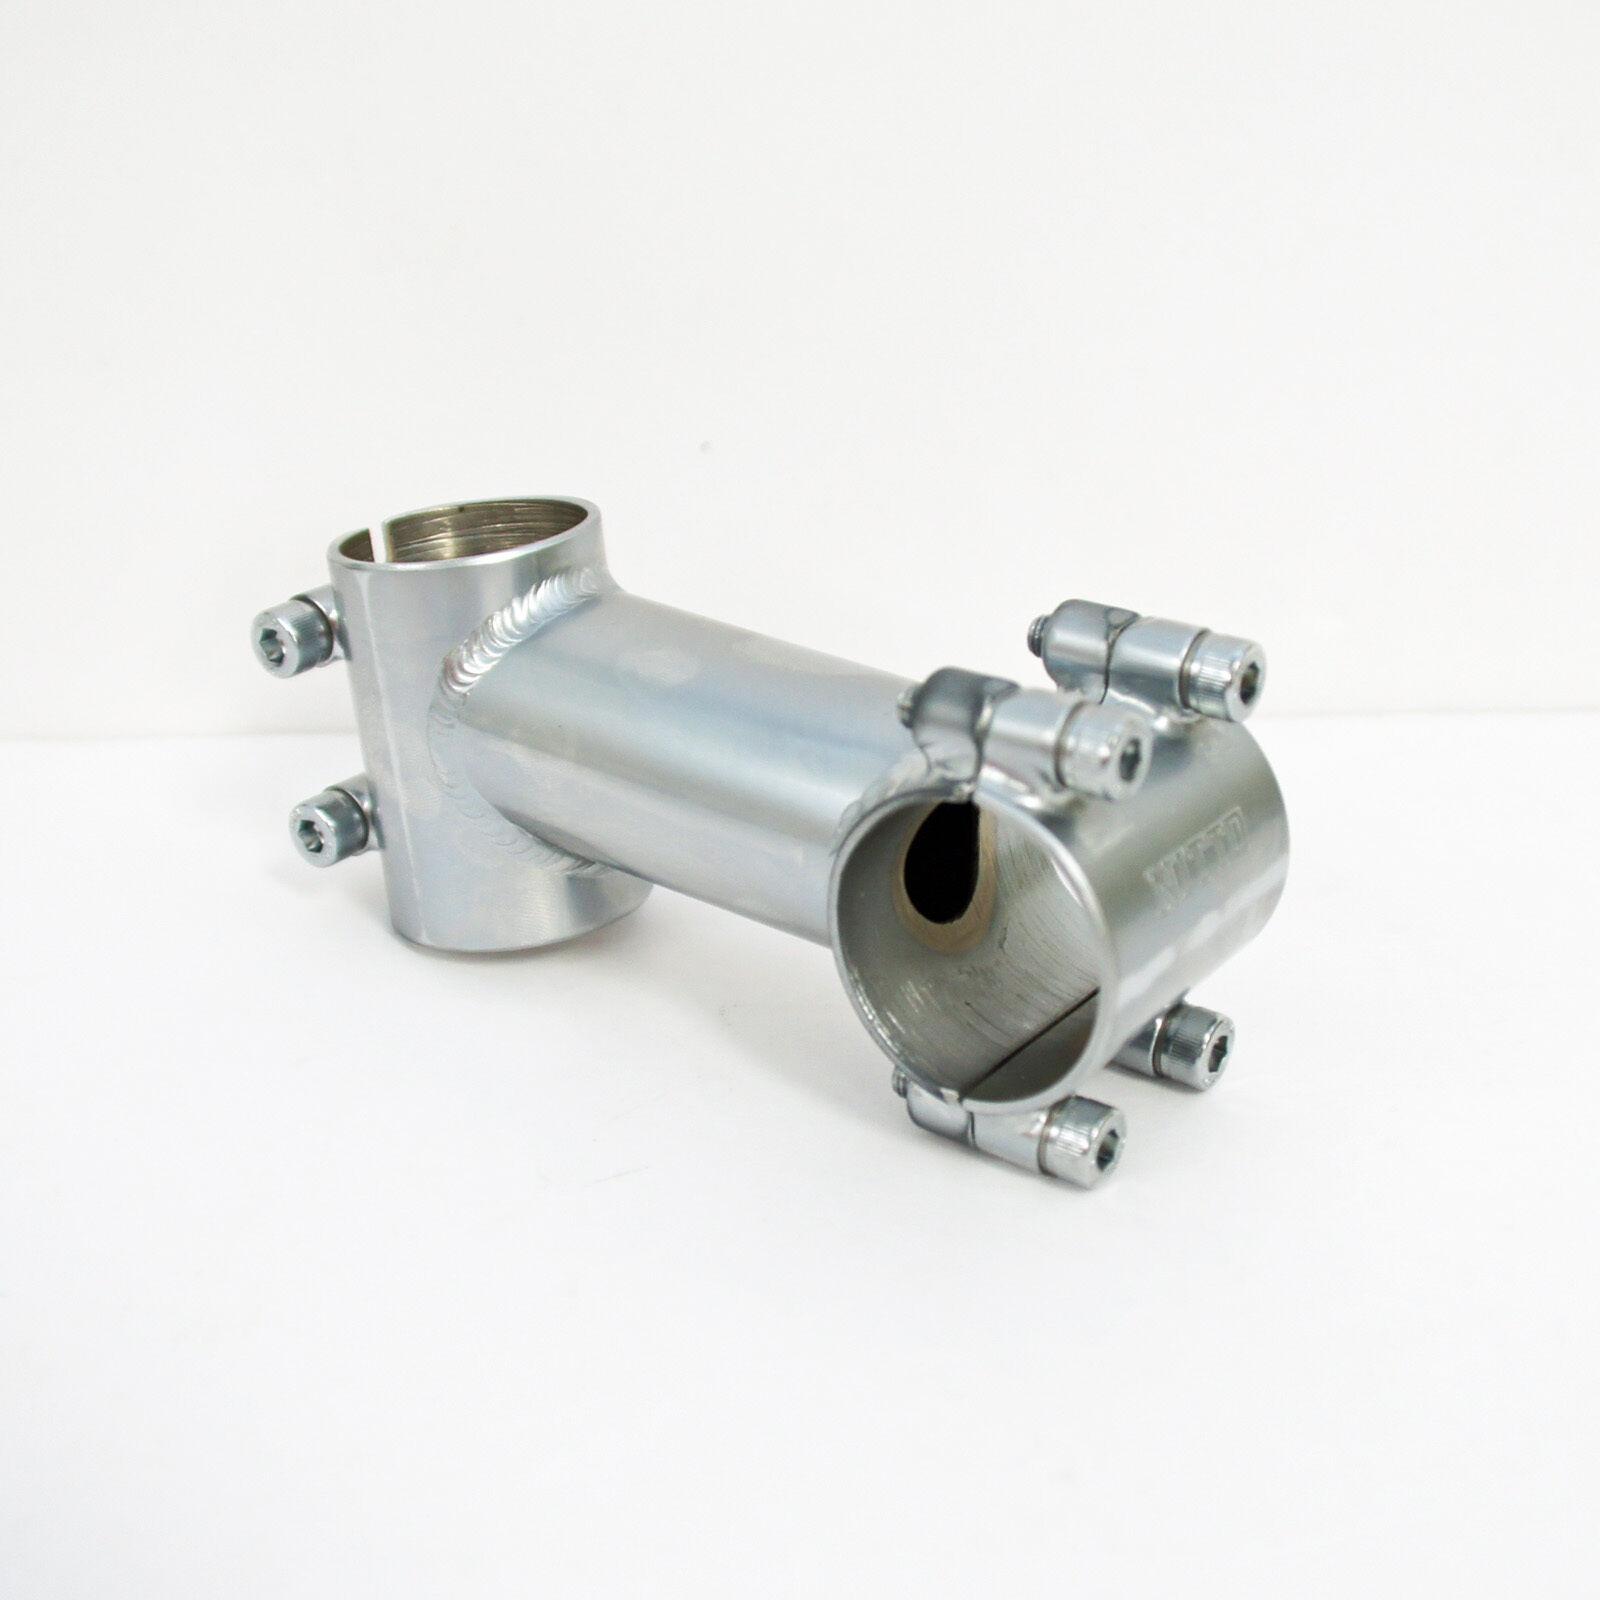 Nitto Klemme Ui-12 Voraus Vorbau 110mm (Klammer Ui-12-110) 870725